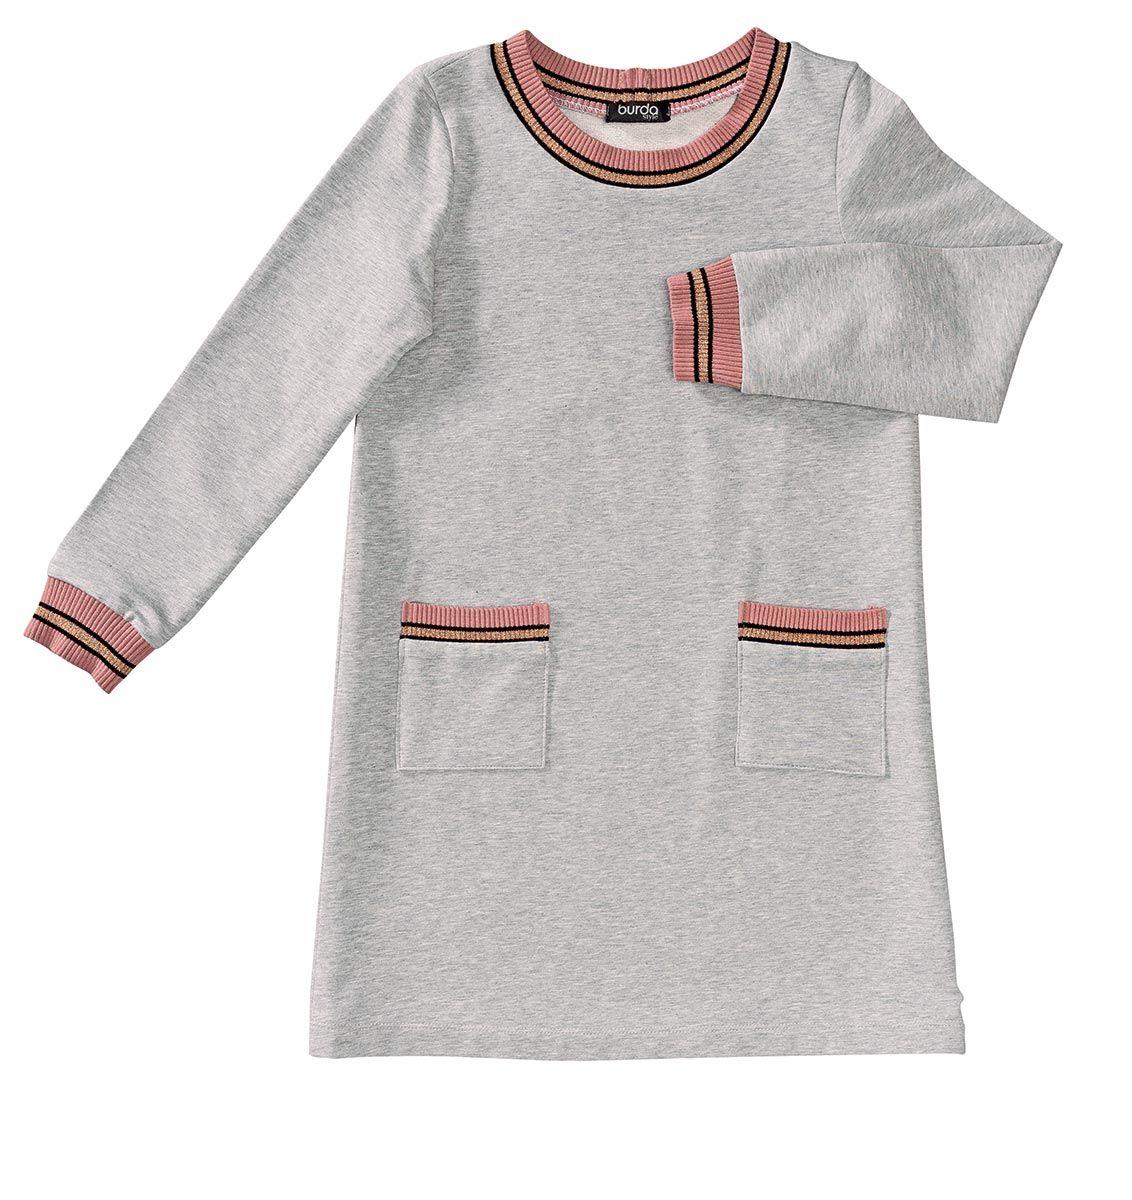 Patron de robe - Burda 9286